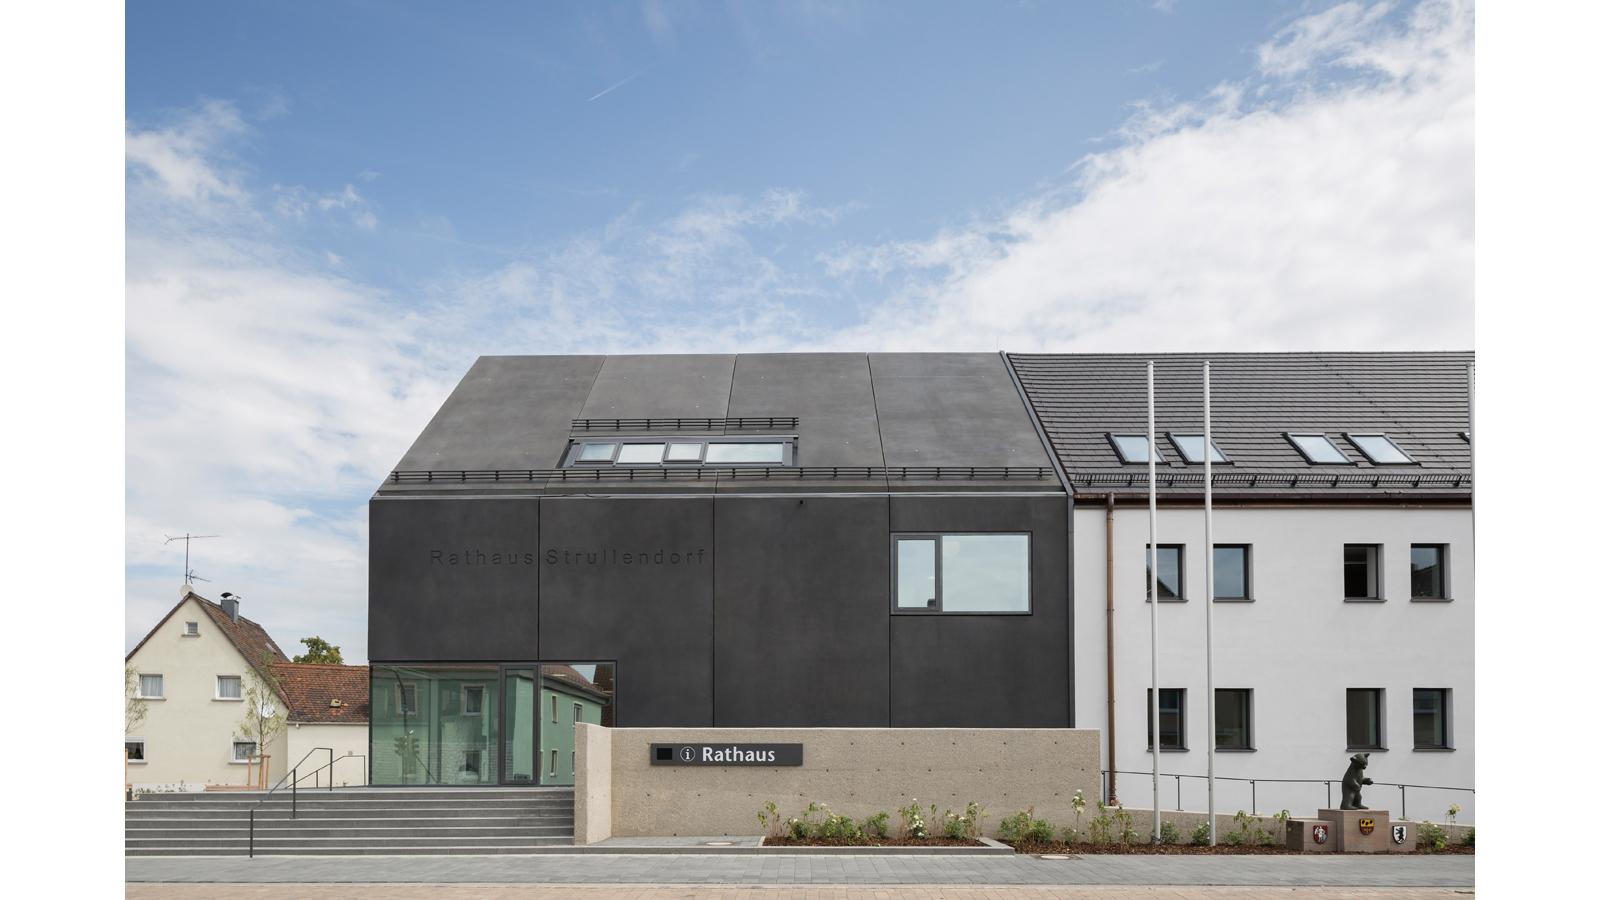 H2m Architekten bürgerzentrum strullendorf h2m architekten ingenieure stadtplaner